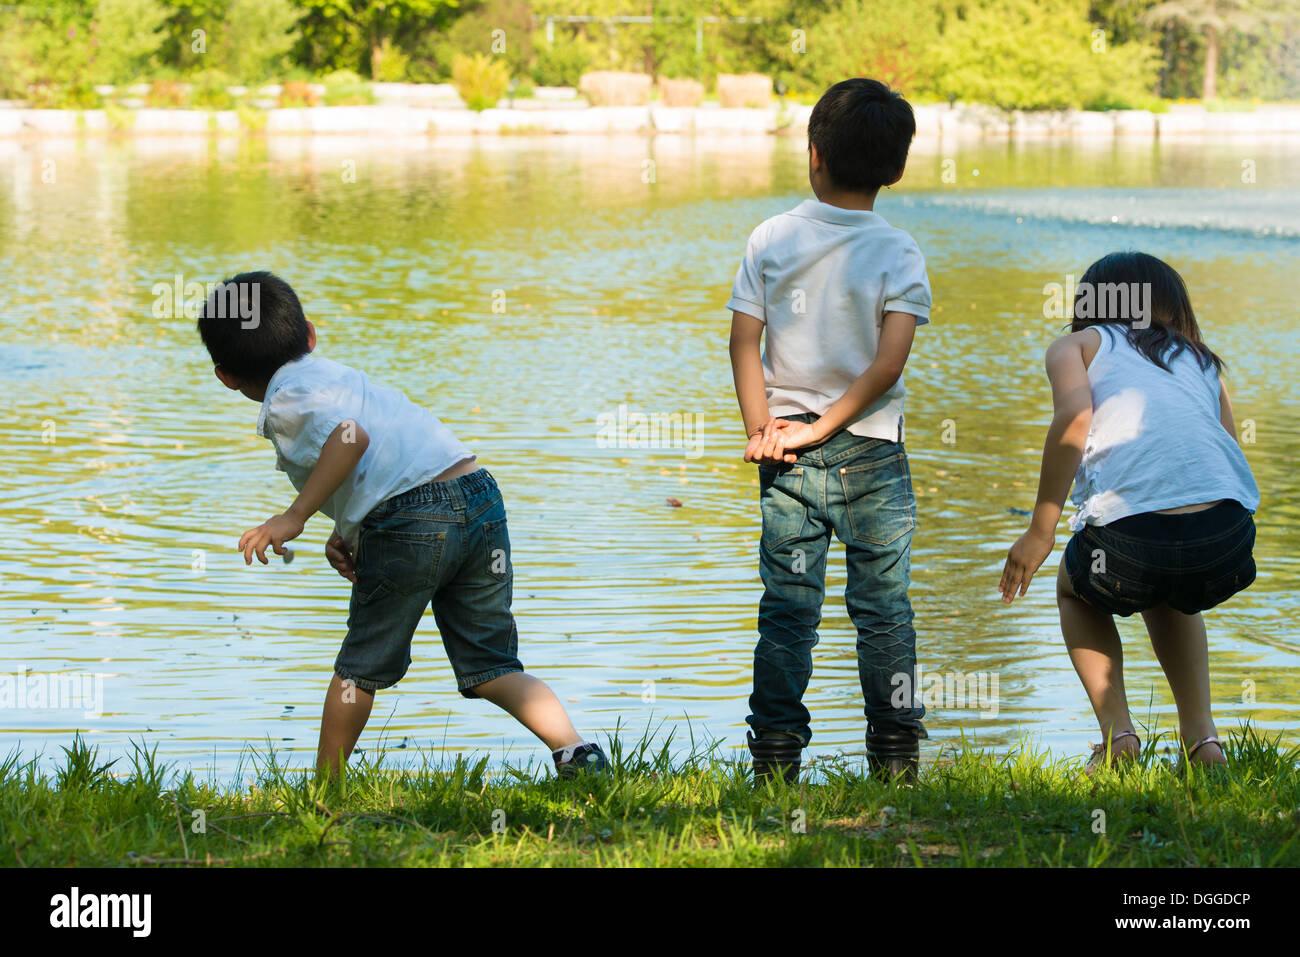 Tres niños jugando junto al lago Imagen De Stock